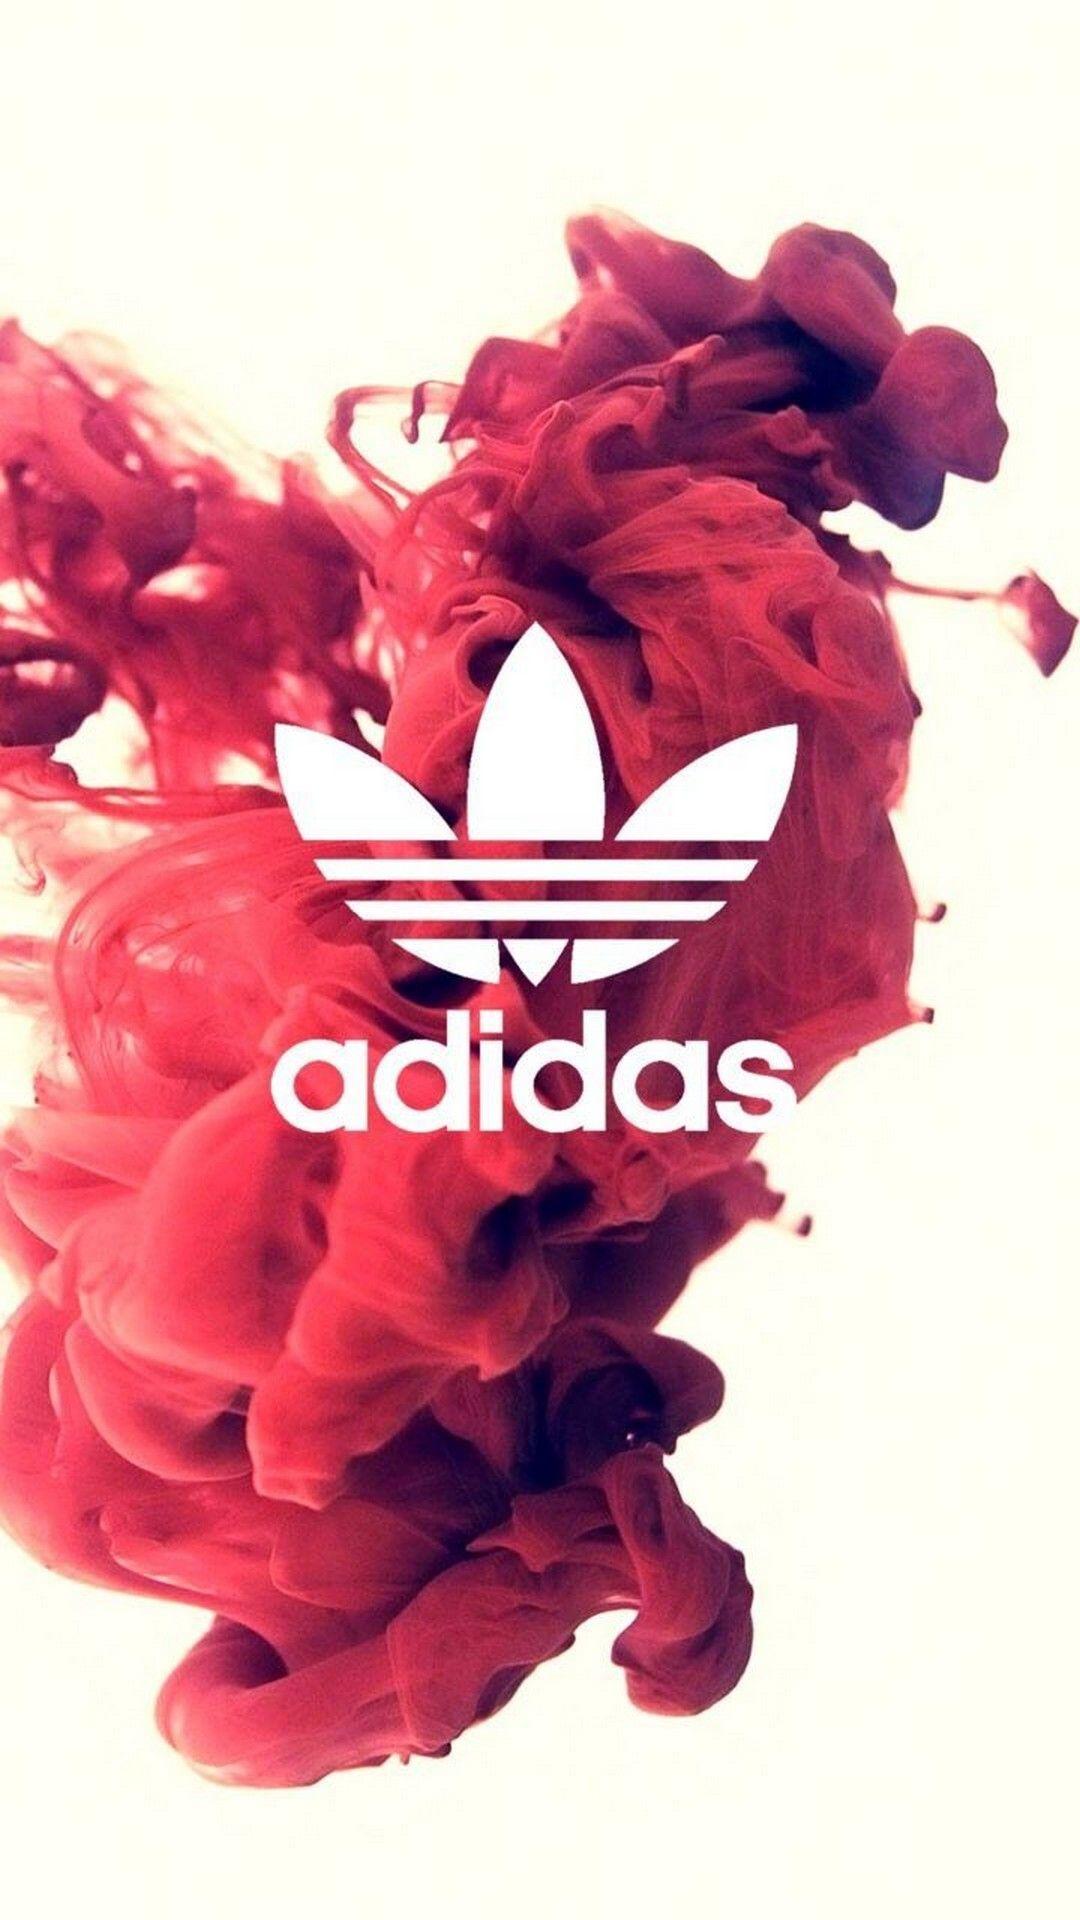 Iphone 7 Wallpaper Adidas Best Wallpaper Hd Adidas Wallpapers Adidas Backgrounds Nike Wallpaper